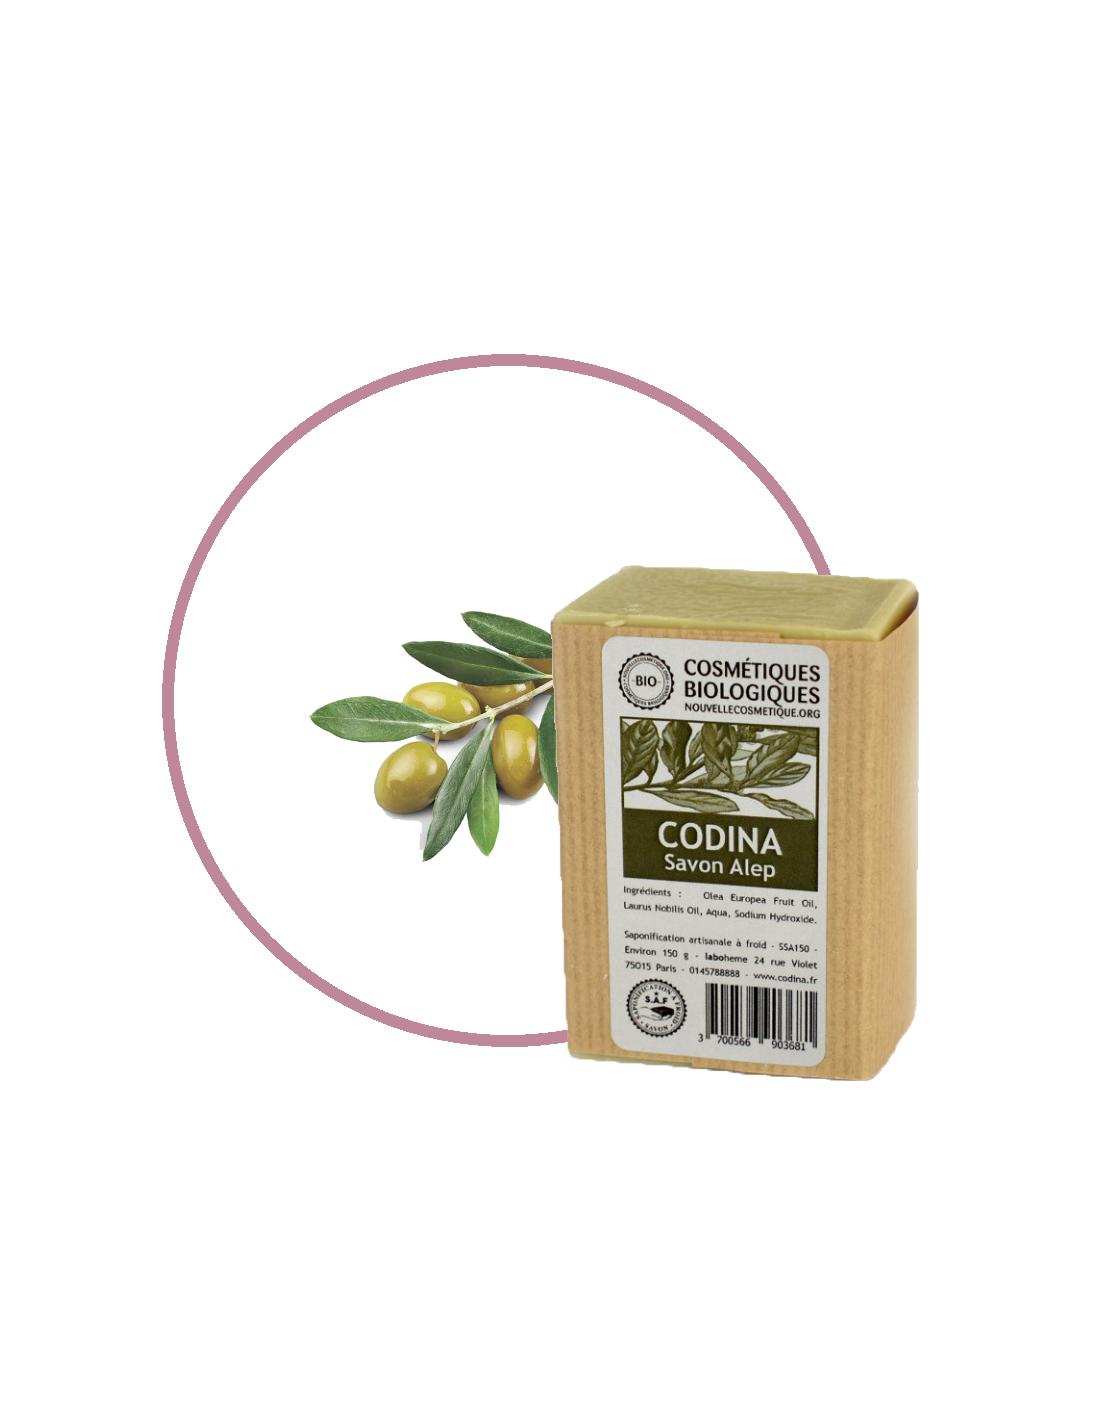 cosmetique-savon-alep-vegetal